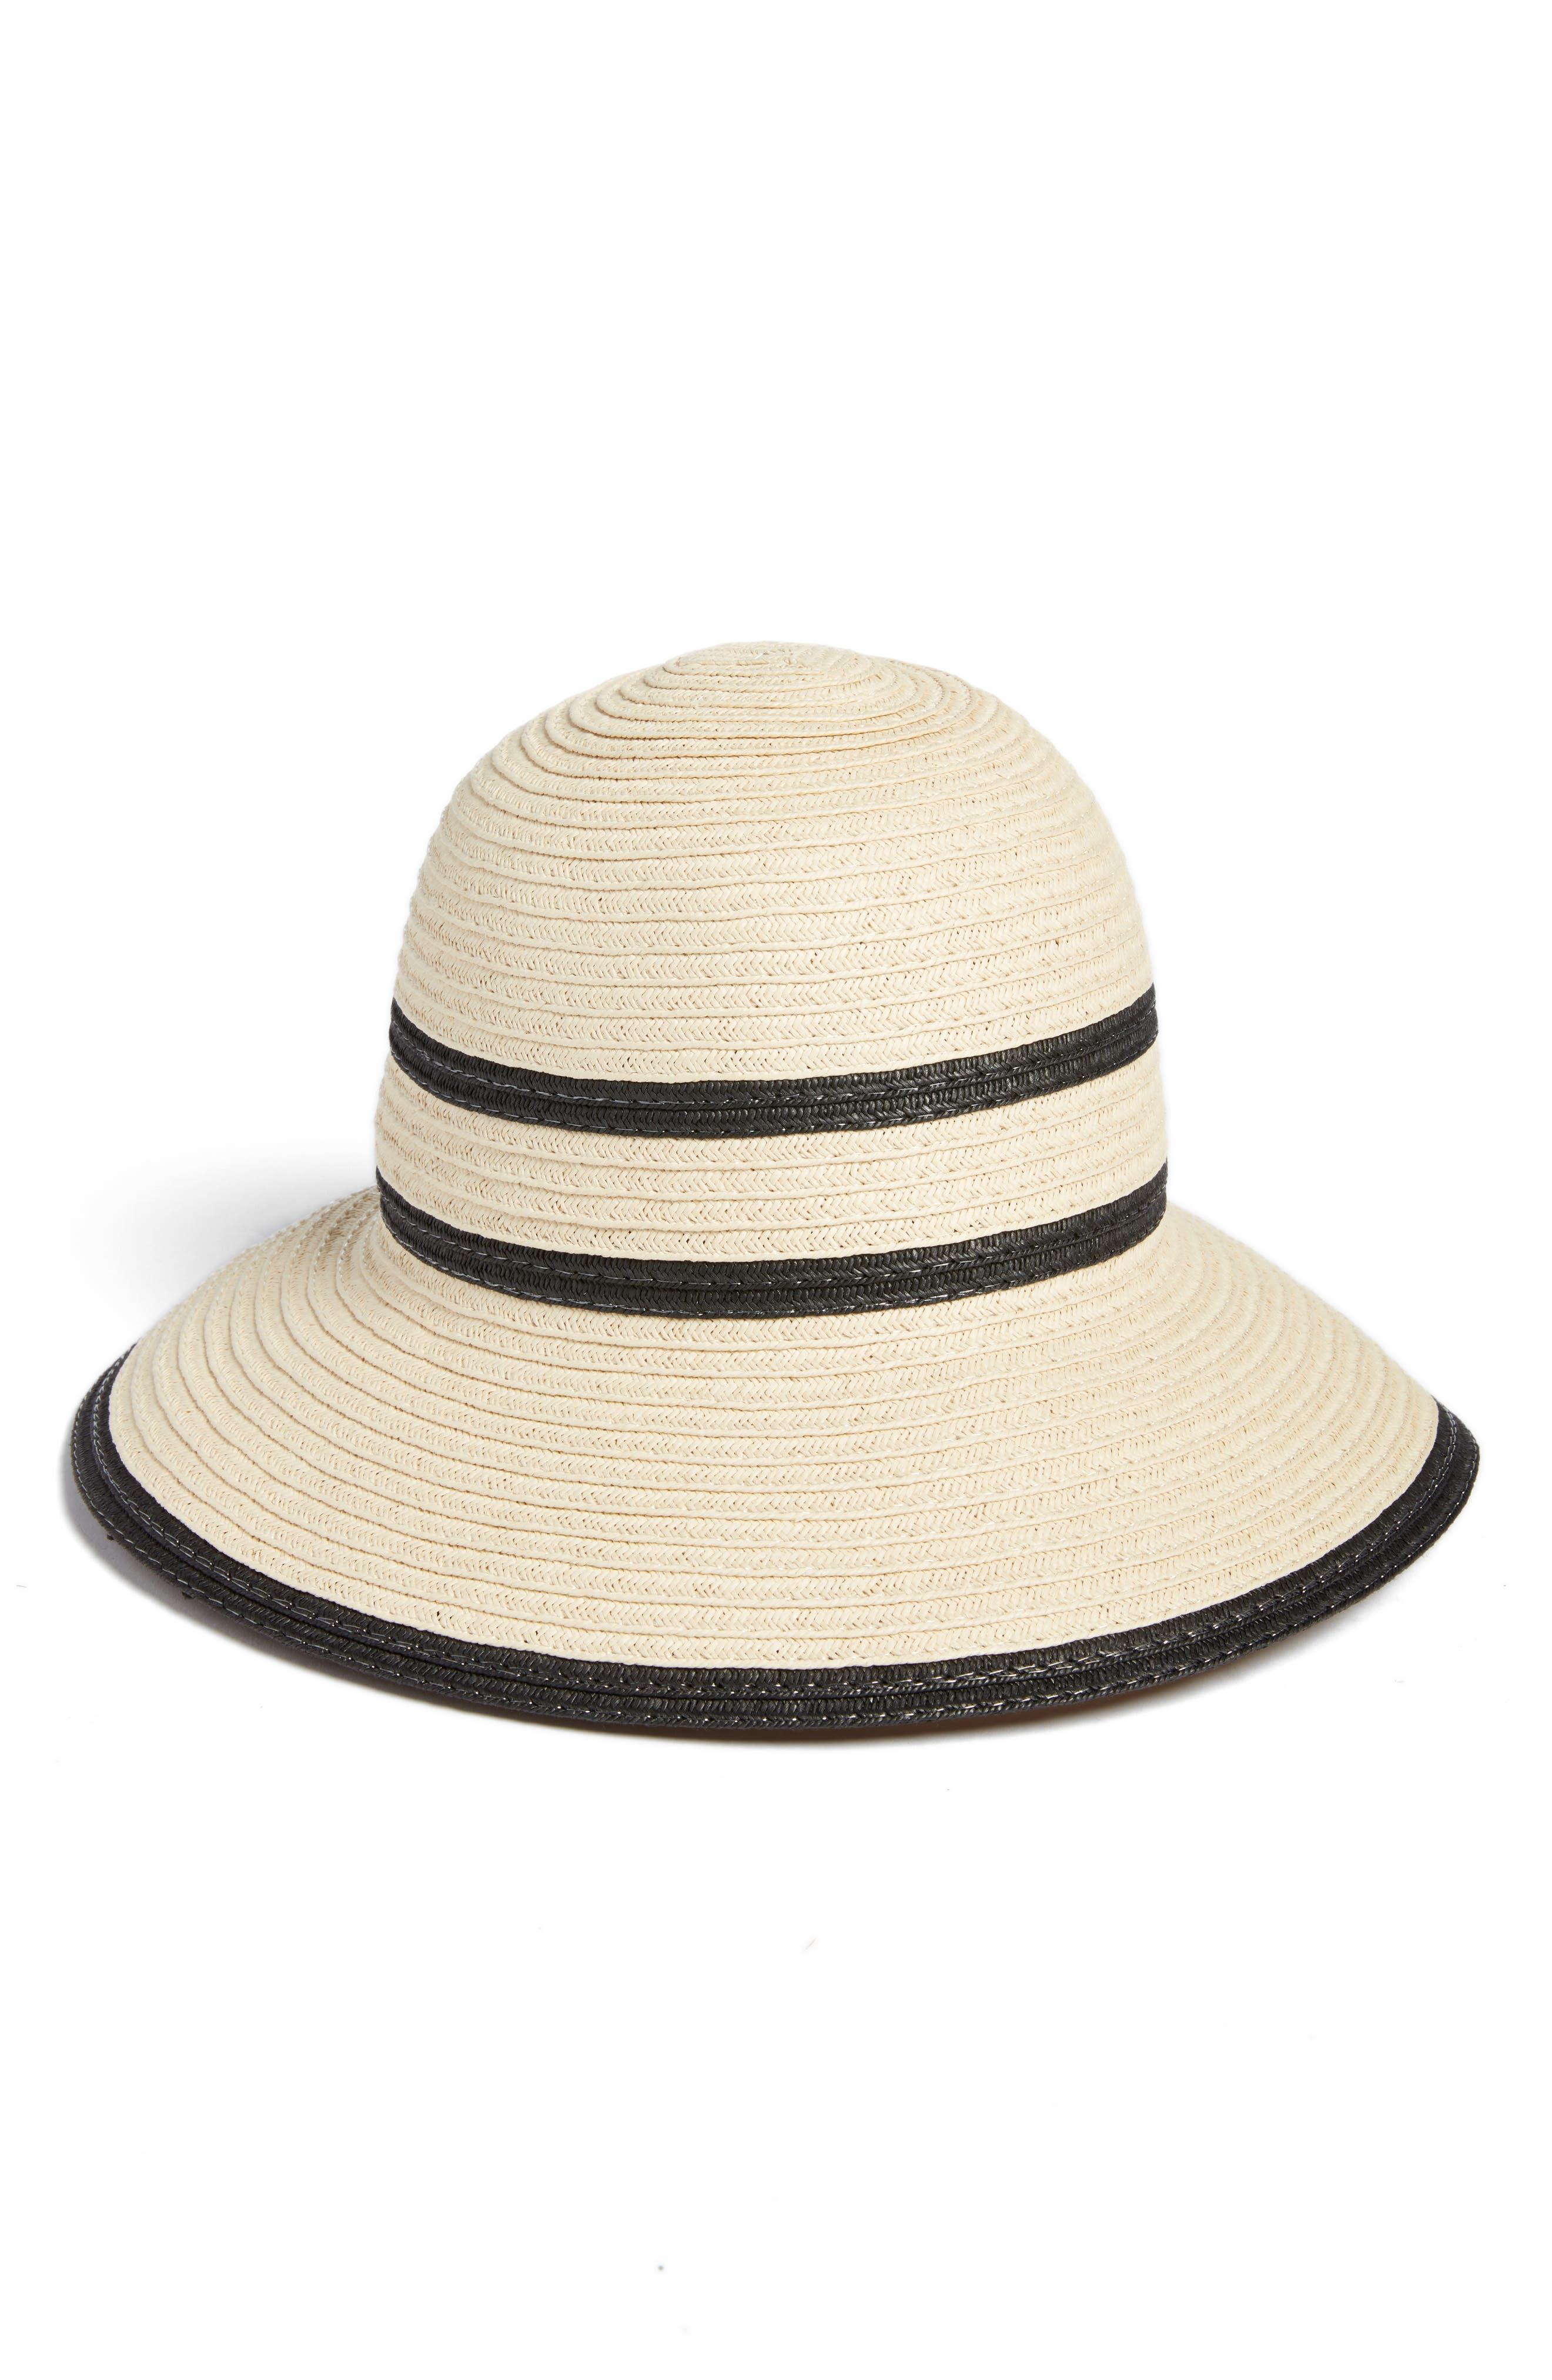 Bondi Straw Cloche Hat,                         Main,                         color, STONE